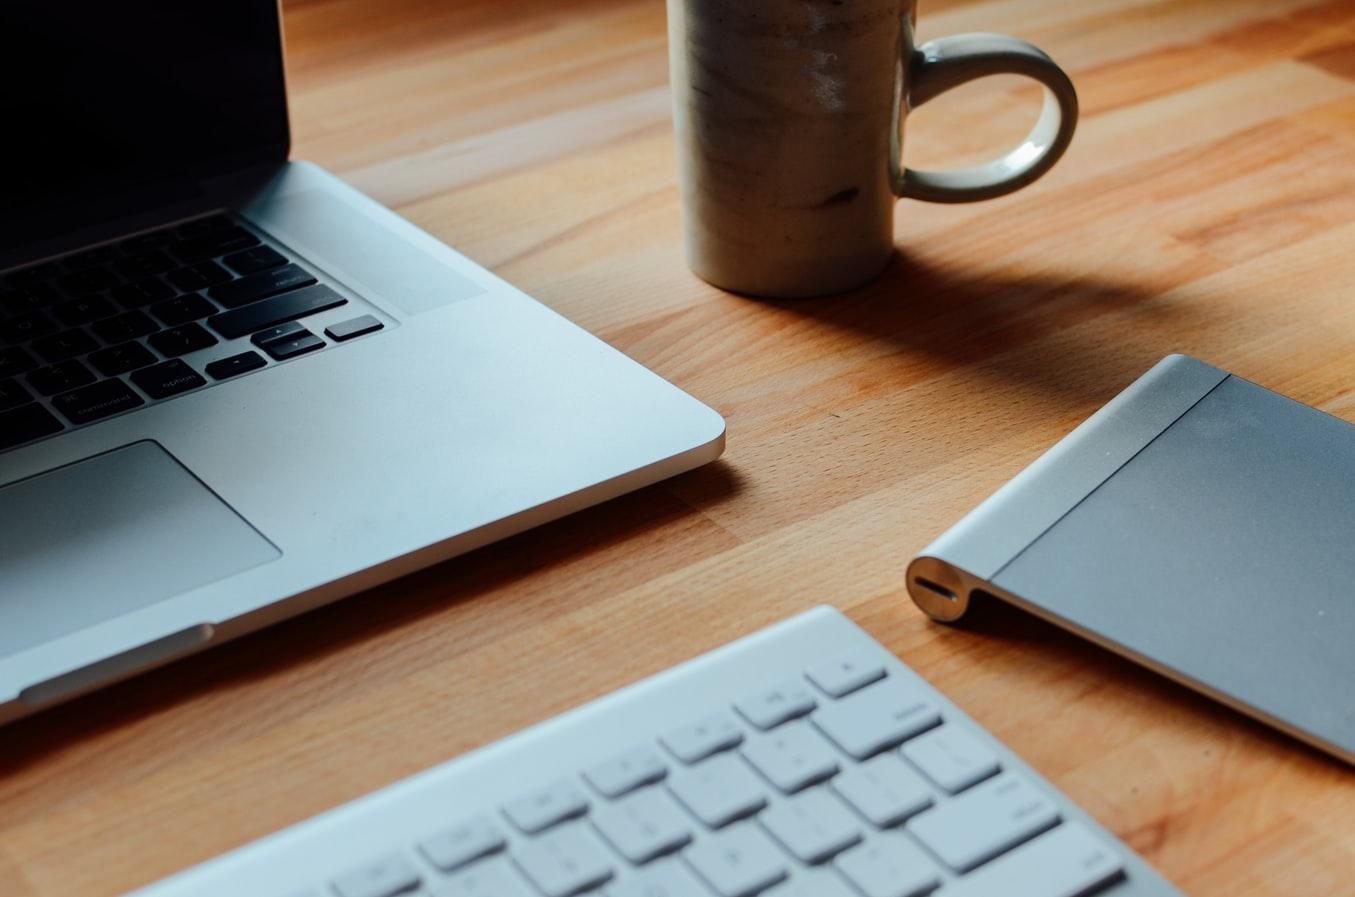 ноутбук и клавиатура